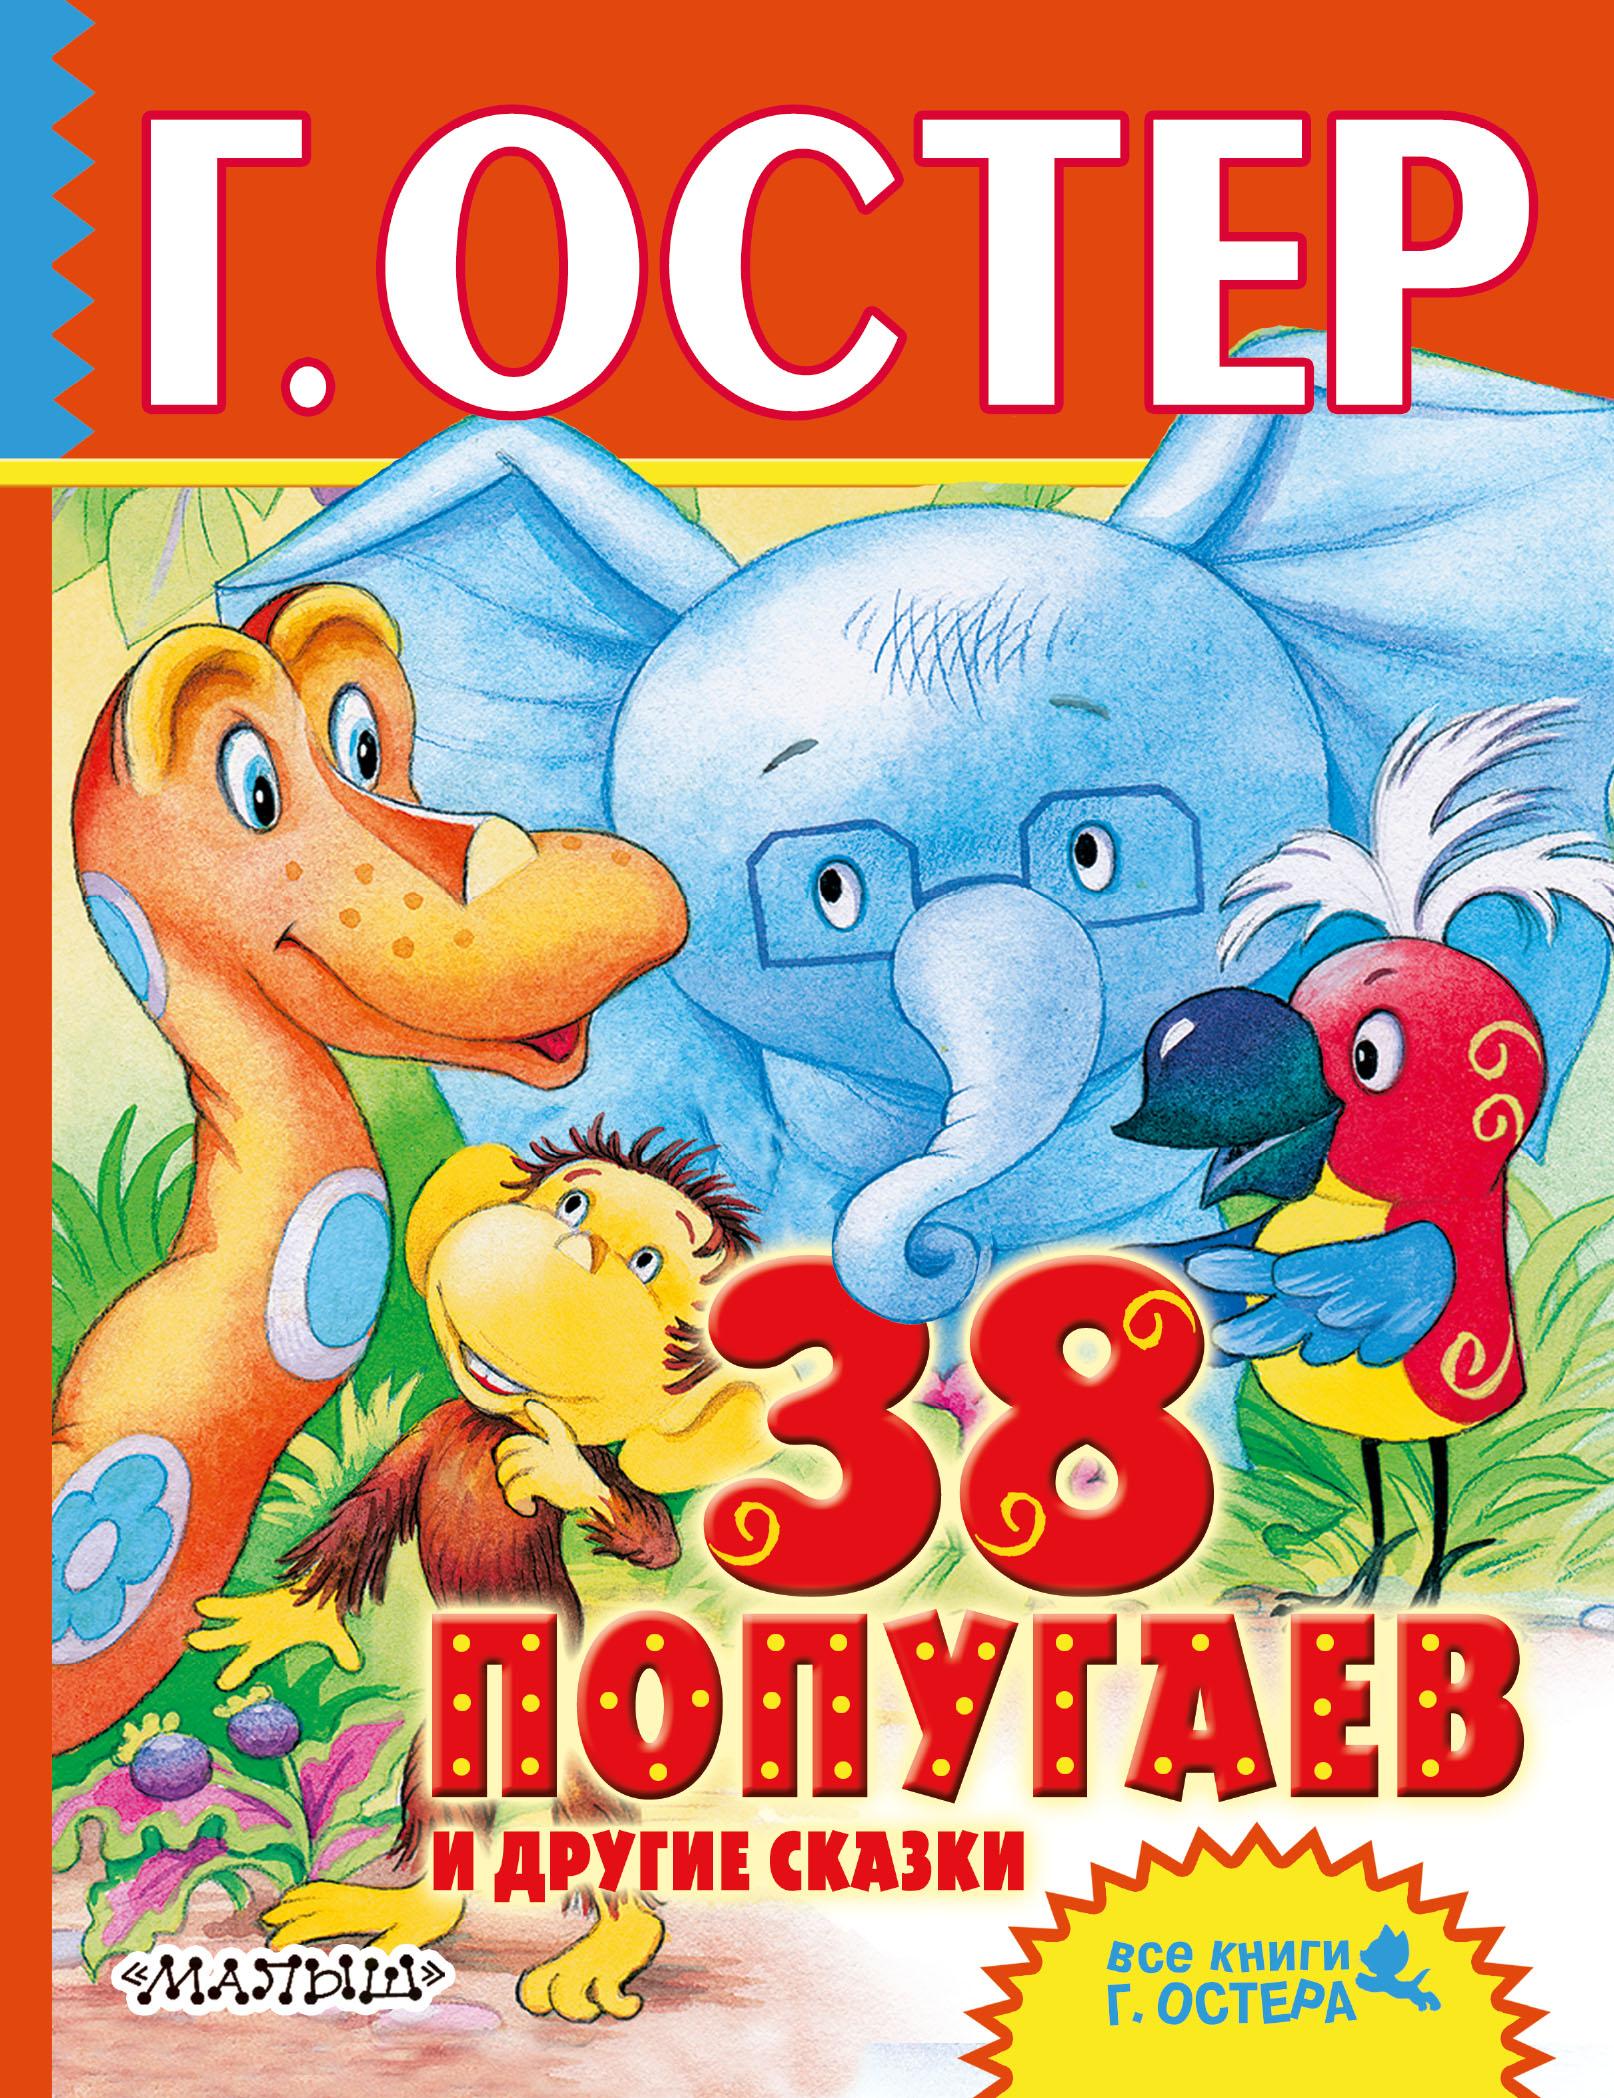 Остер Григорий Бенционович 38 попугаев и другие сказки